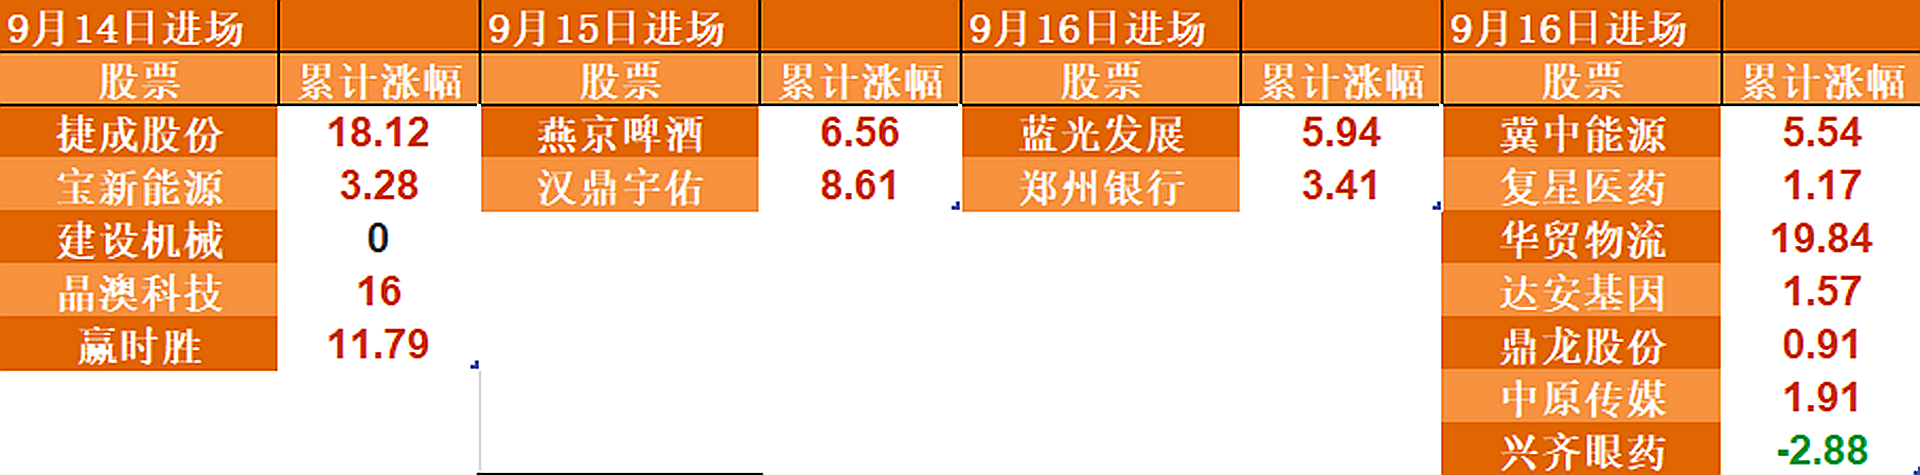 9月北上資金持股報告(第三期):升溫期表現明顯好於前幾輪-圖3